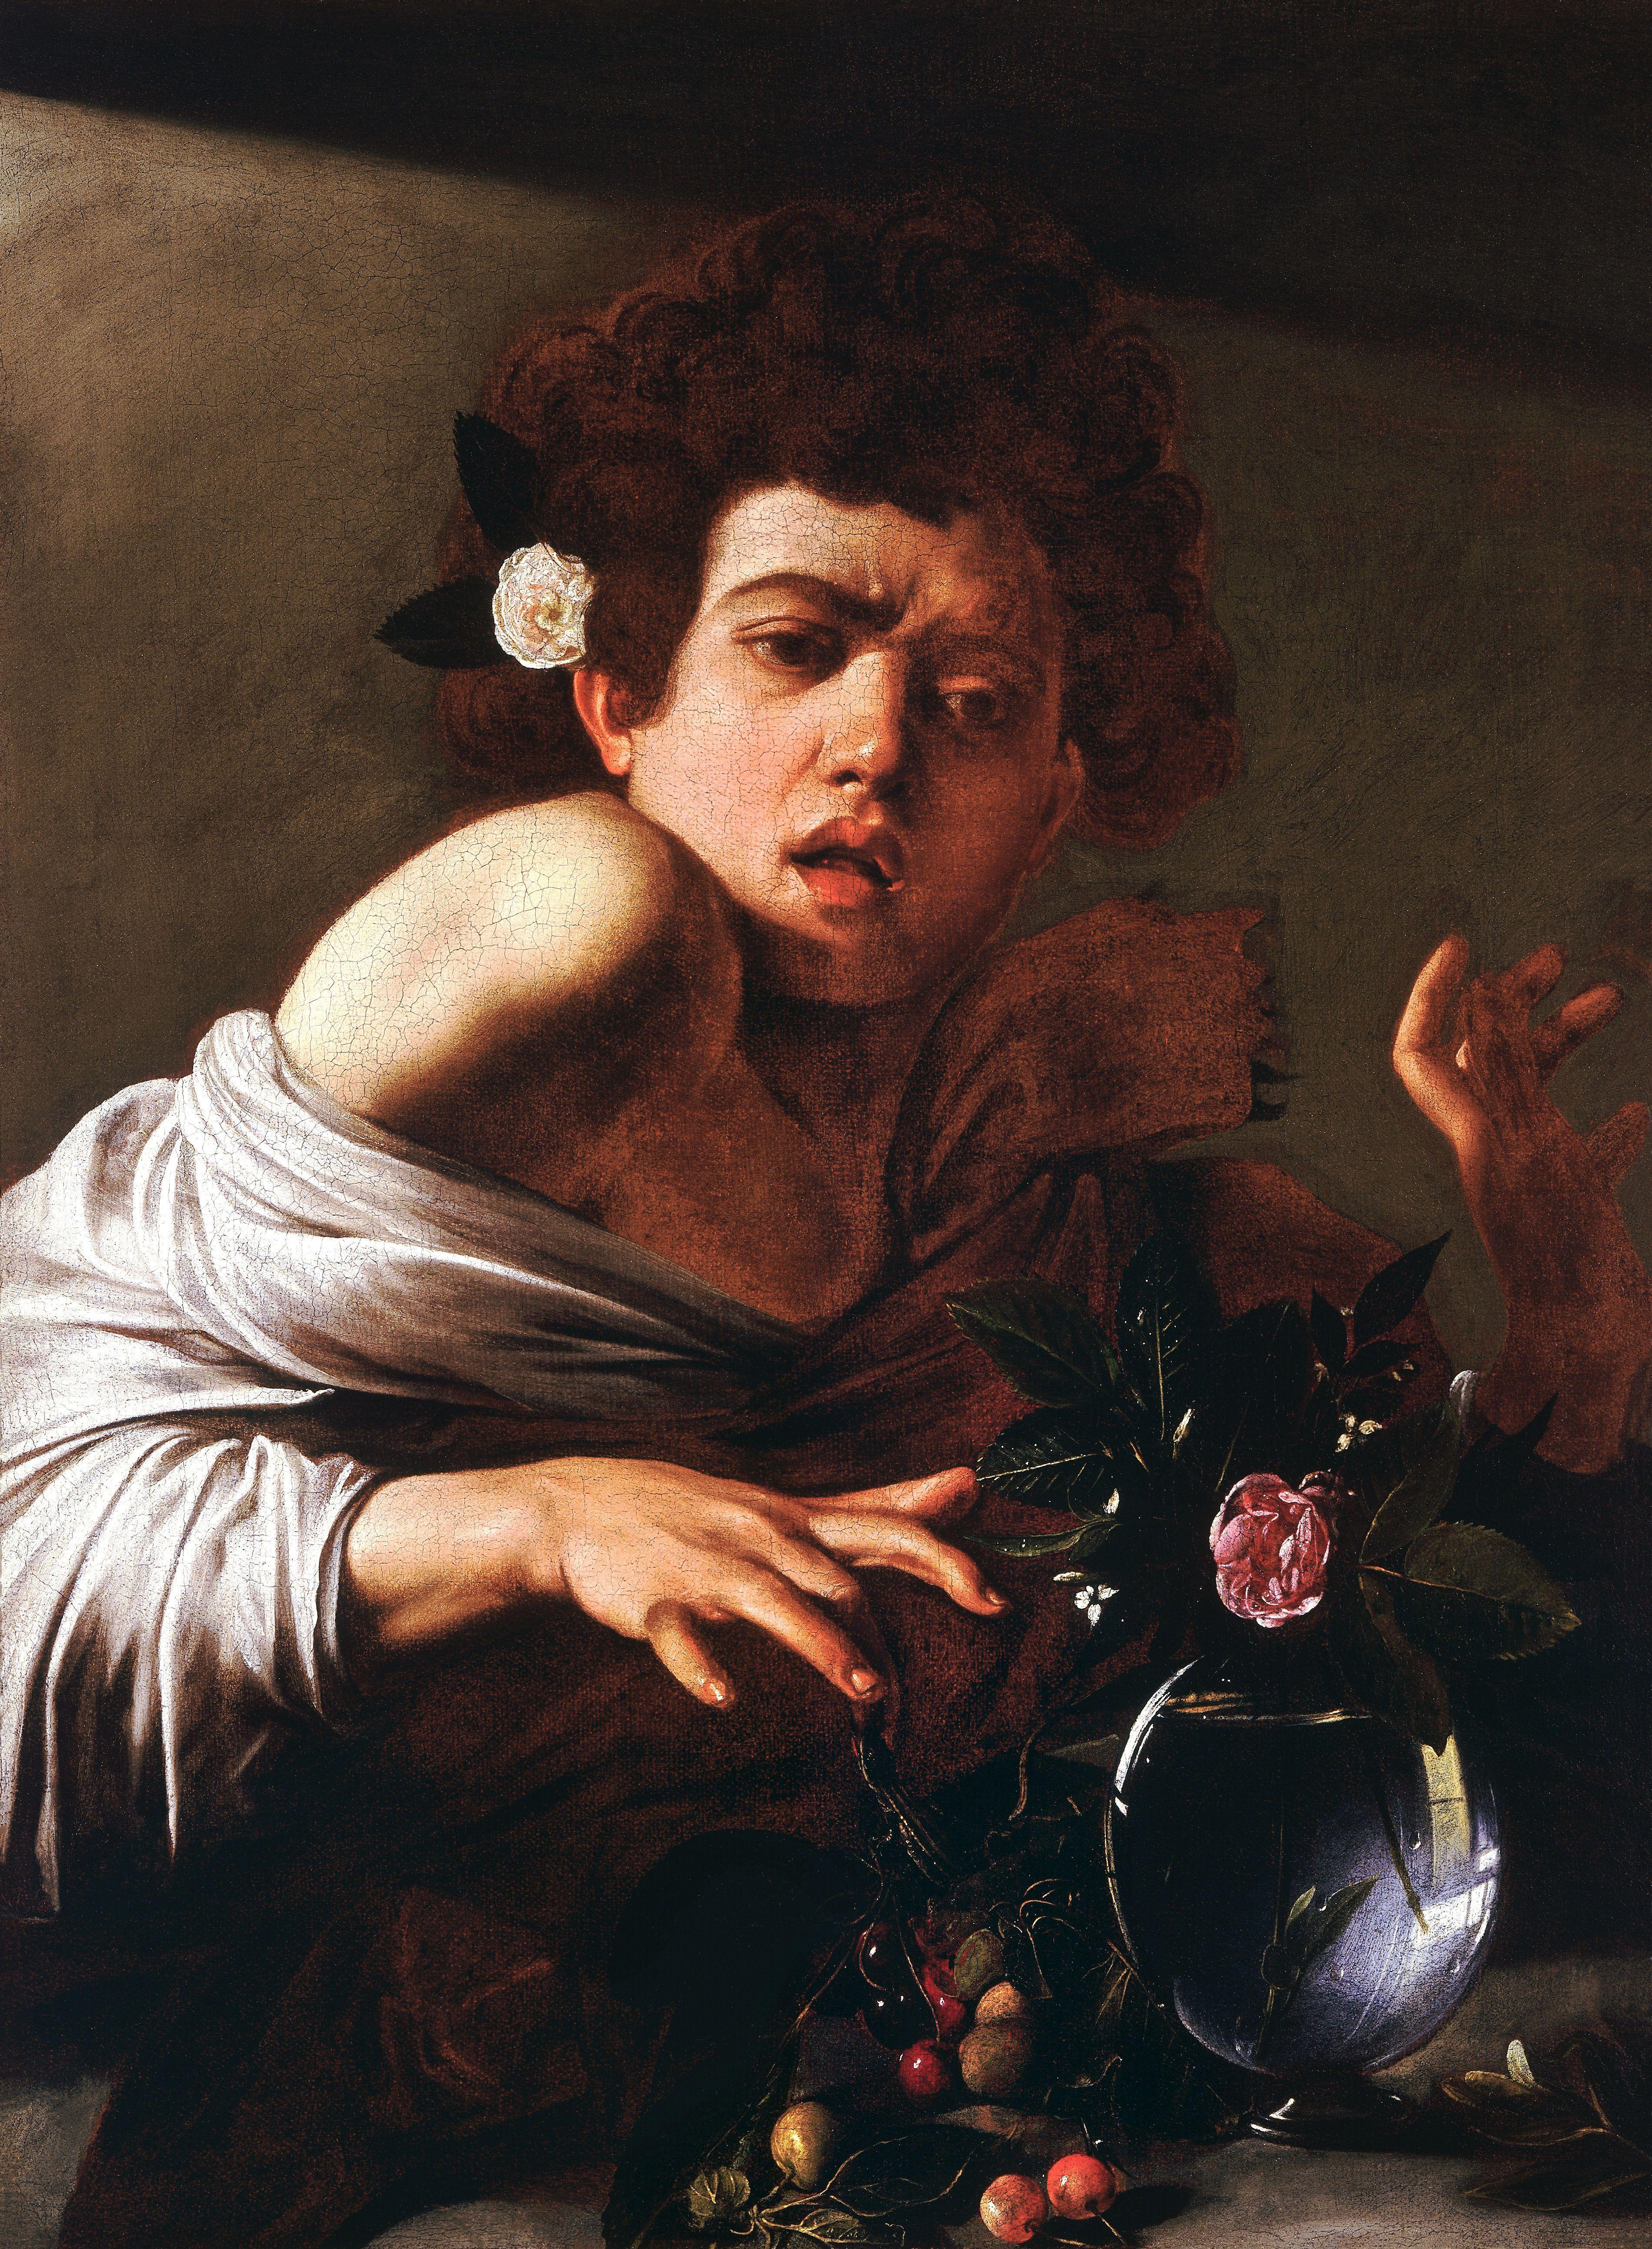 Roman erotica lacks a sense of sin | Art and design | The ...